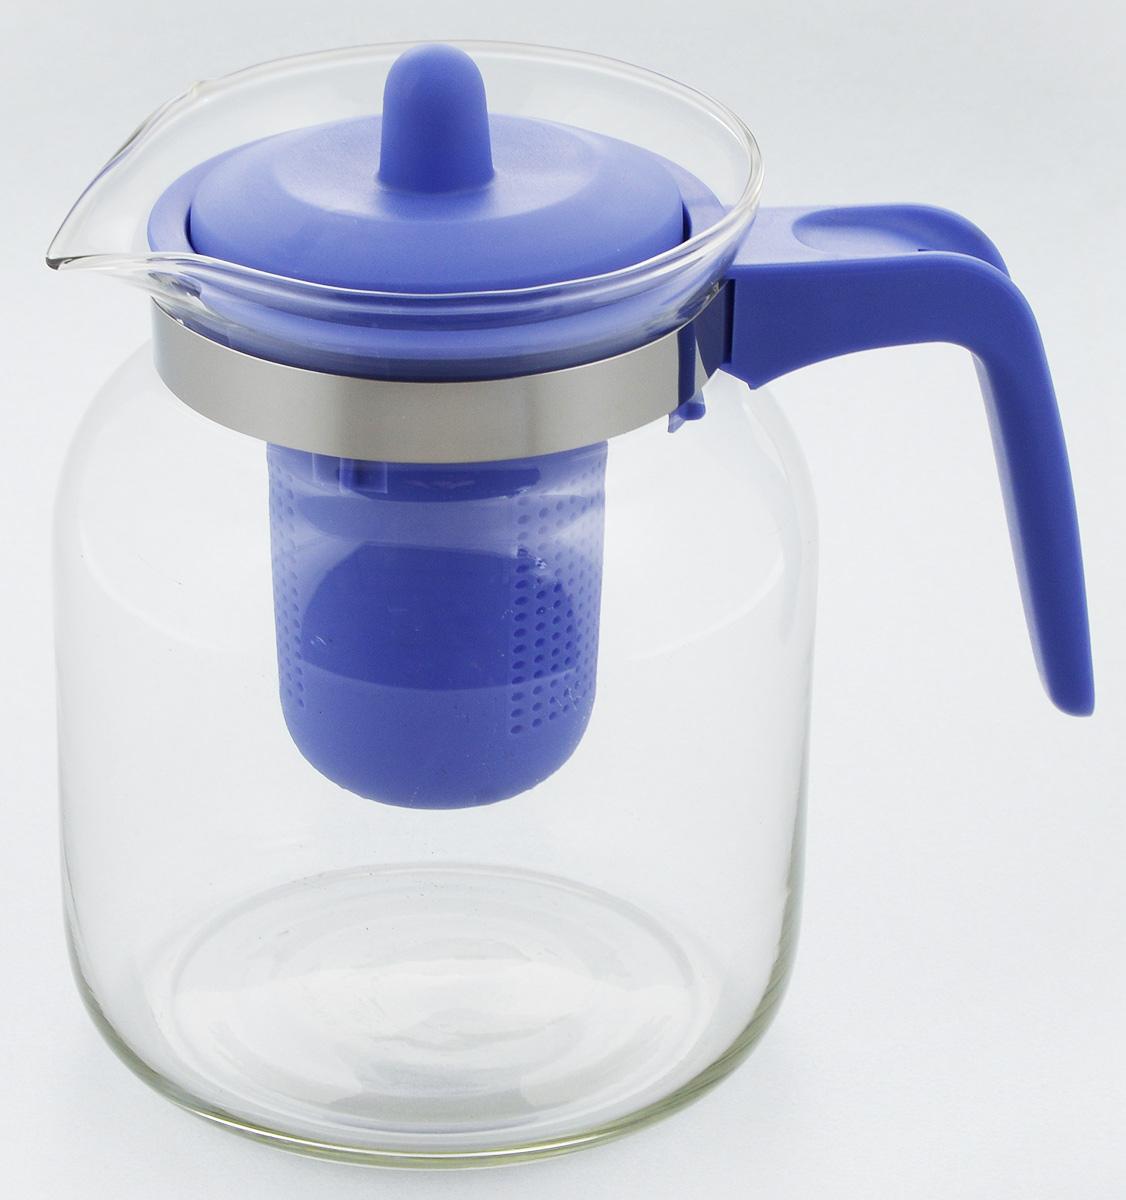 Чайник-кувшин Menu Чабрец, с фильтром, цвет: прозрачны, синий, 1,45 лCHZ-14_синийЧайник-кувшин Menu Чабрец изготовлен из прочного стекла, которое выдерживает температуру до 100°C. Он прекрасно подойдет для заваривания чая и травяных настоев. Классический стиль и оптимальный объем делают чайник удобным и оригинальным аксессуаром, который прекрасно подойдет для ежедневного использования. Ручка изделия выполнена из пищевого пластика, она не нагревается и обеспечивает безопасность использования. Благодаря съемному ситечку и оптимальной форме колбы, чайник- кувшин Menu Чабрец идеально подходит для использования его в качестве кувшина для воды и прохладительных напитков. Диаметр чайника по верхнему краю: 10,3 см. Общий диаметр чайника: 11 см. Высота чайника (без учета ручки и крышки): 15,6 см. Высота чайника (с учетом ручки и крышки): 17 см.